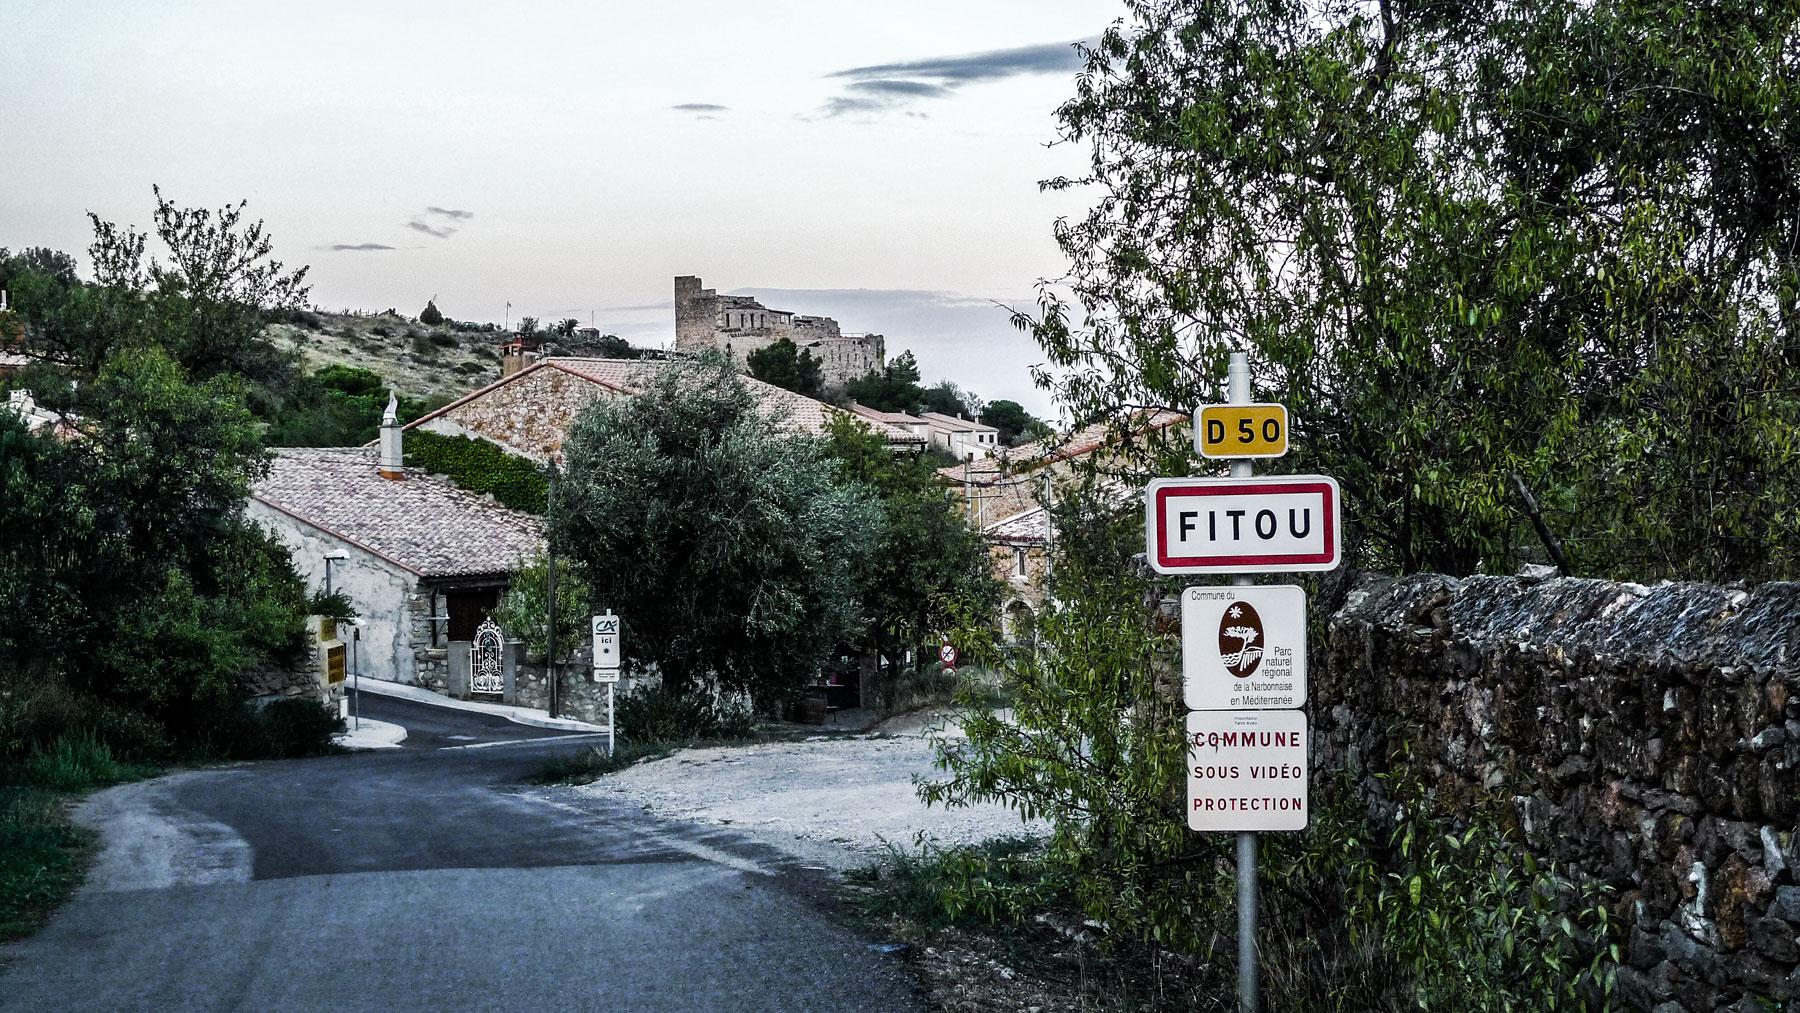 Aus Fitou kommen einige der besten Weine Frankreichs - es bleibt eine Village